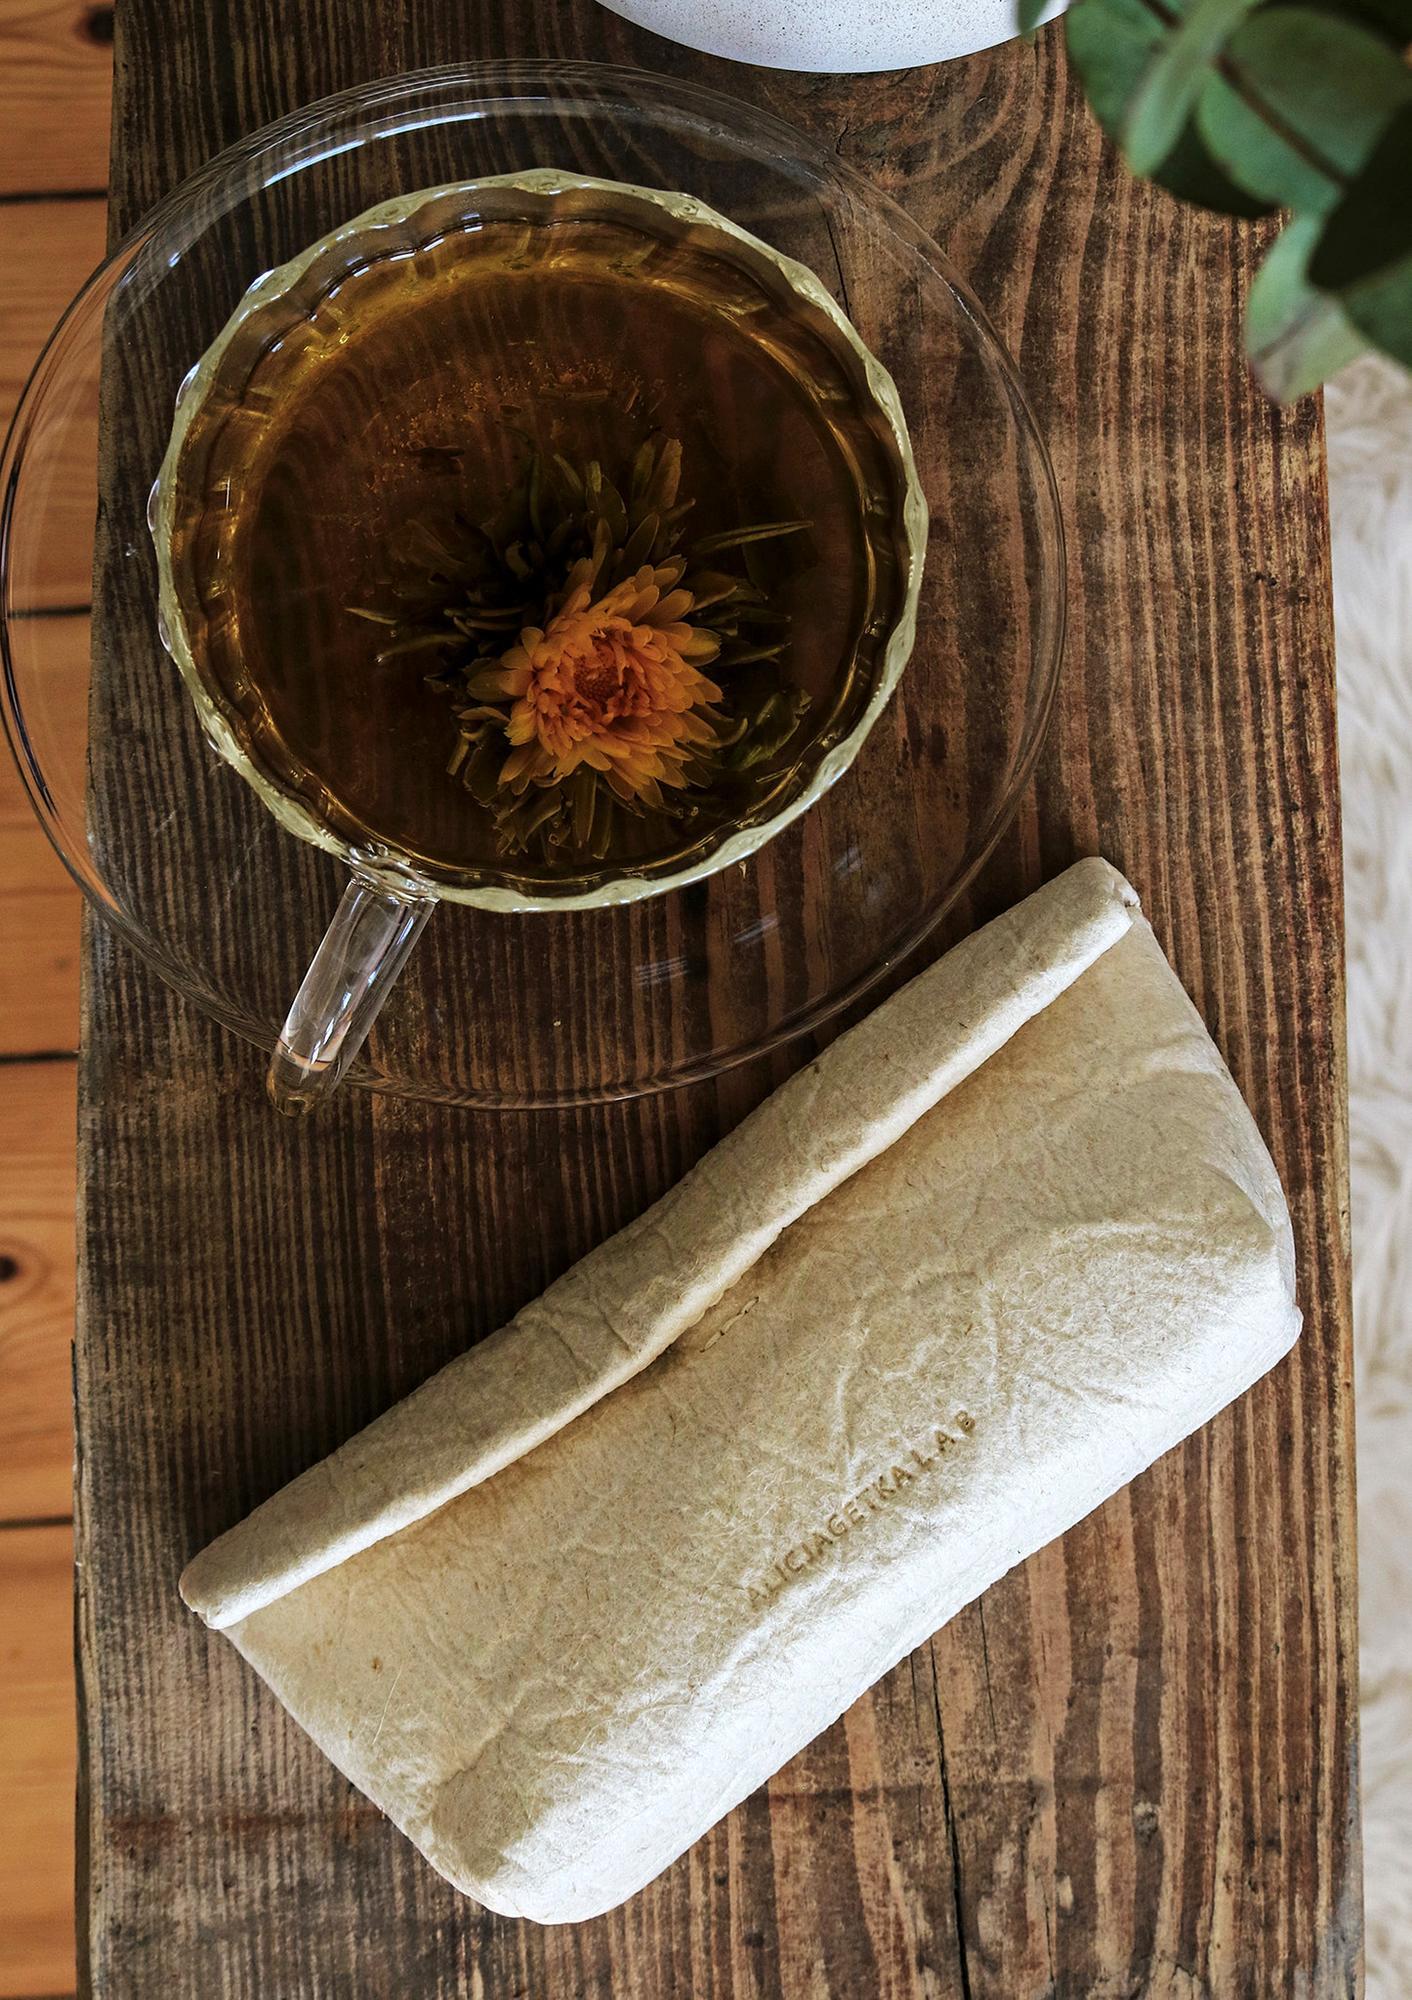 """Nasze oryginalne etui na okulary w wegańskiej wersji z liści ananasa z usztywnianym dnem Z powodzeniem może również służyć jako mała kosmetyczka Etui wykonane jest z Piñatexu nowatorskiego opatentowanego materiału premium który jest całkowicie wegański a jego produkcja jest odpowiedzialna i zrównoważona środowiskowo gdyż do jego wytworzenia używane są liście ananasa będące produktem ubocznym ekologicznych upraw ananasa na Filipinach Materiał ten jest ultra lekki i wodoodporny a zarazem bardzo wytrzymały elastyczny i oddychający Jego """"pognieciona"""" charakterystyczna struktura czyni go jedynym w swoim rodzaju a jednocześnie odpornym na zagniecenia W nielakierowanych wersjach z bliska widoczne są pojedyncze włókna surowca Zgodnie z zaleceniami producenta można go myć przy użyciu niewielkiej ilości wody i delikatnego detergentu etui o wyjątkowej formie uniwersalny rozmiar zmieści nawet duże okulary zamknięcie na magnes usztywnione dno unisex ultralekki może być również małą kosmetyczką piór"""